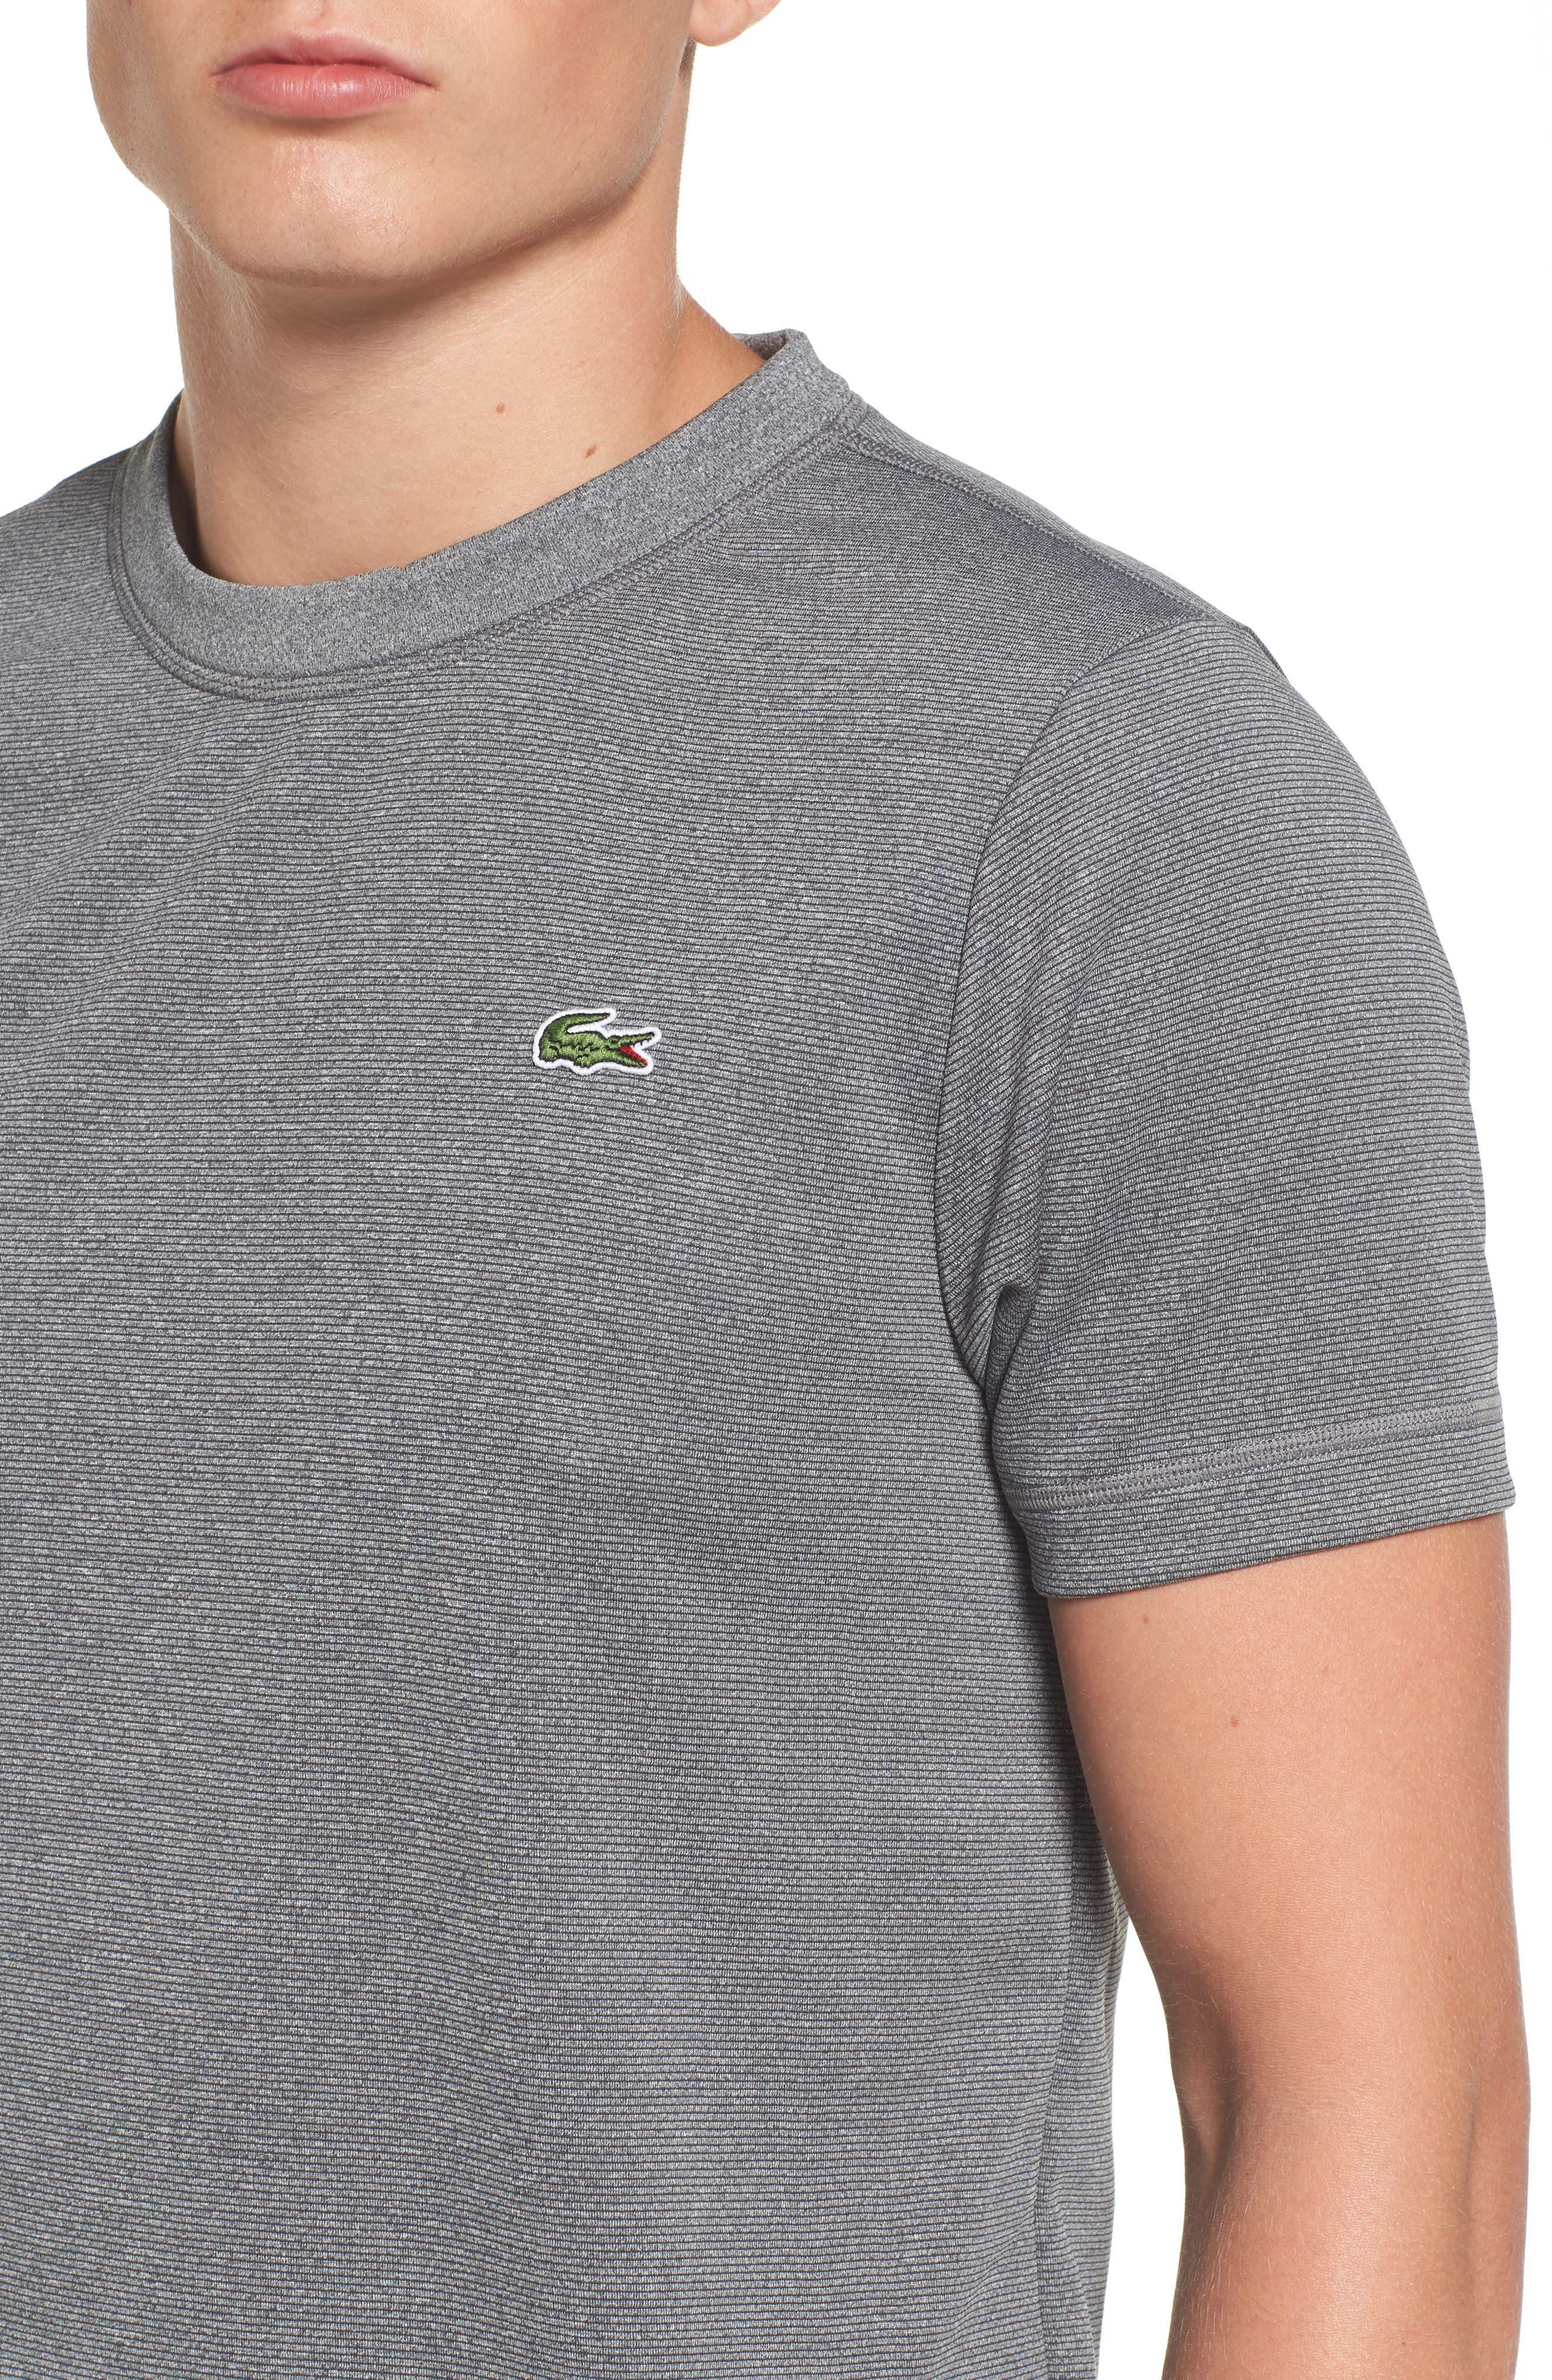 Pinstripe Grommet T-Shirt,                             Alternate thumbnail 4, color,                             020